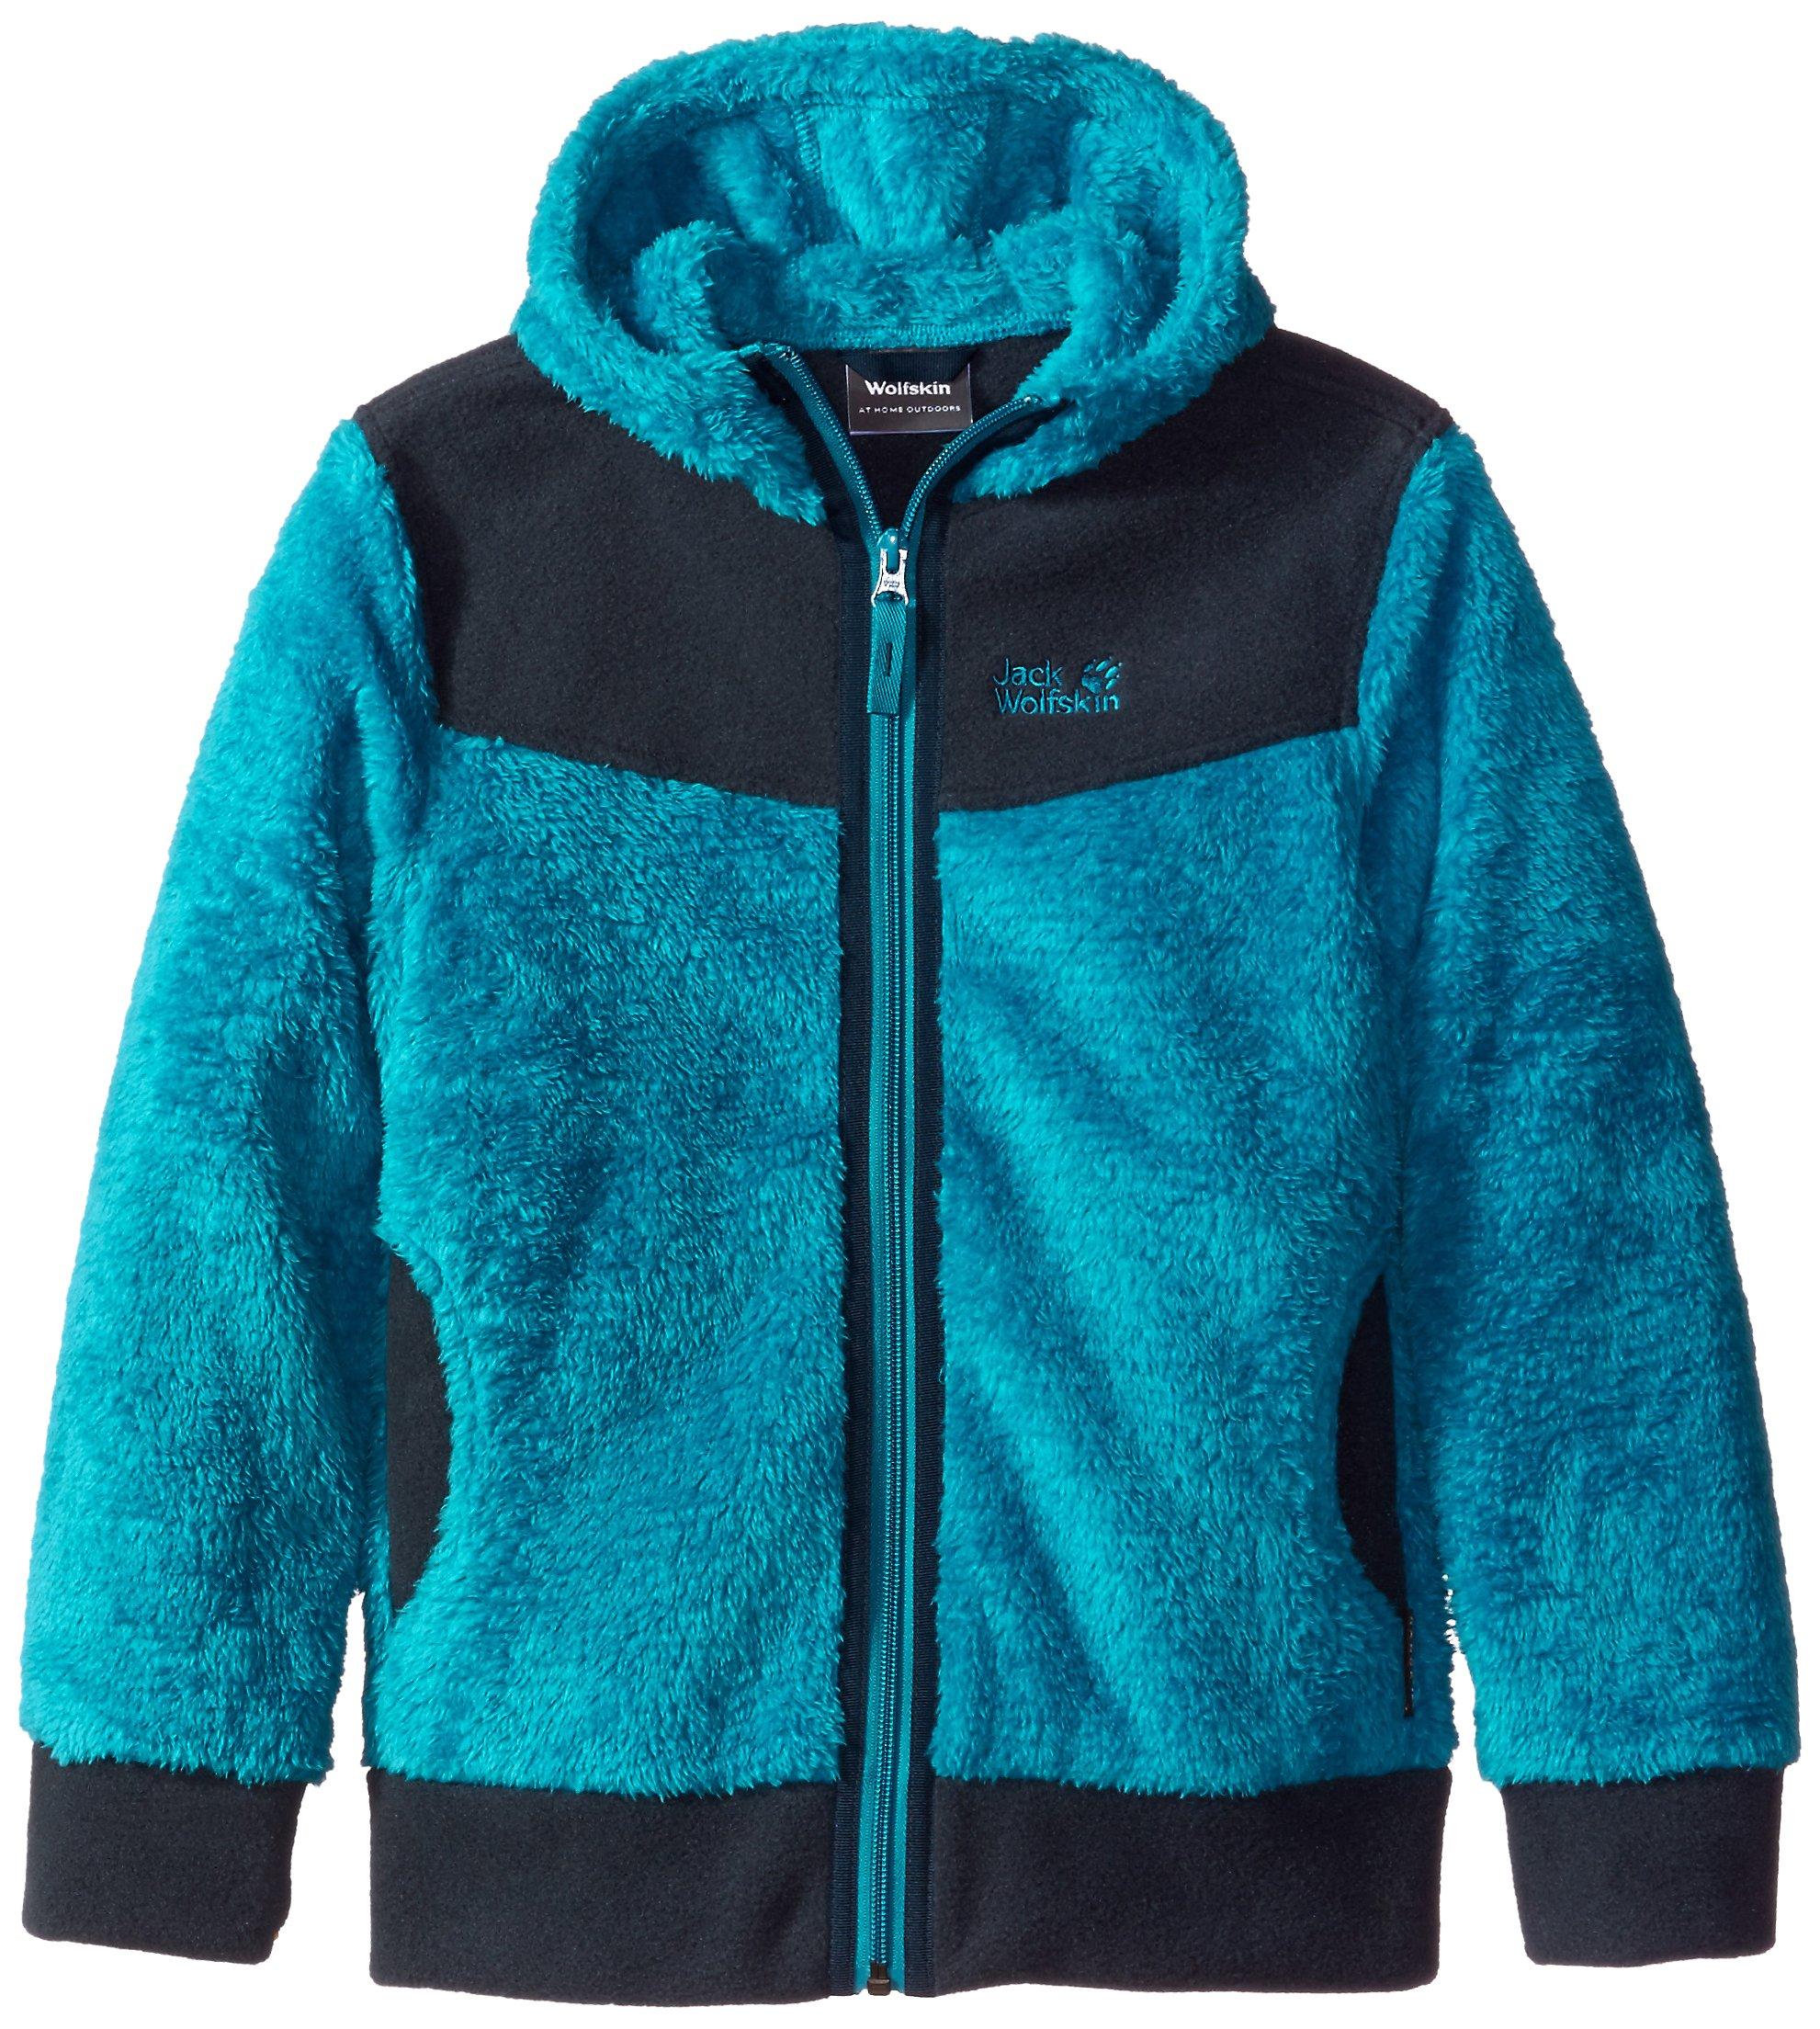 Jack Wolfskin Girls Polar Bear Nanuk Jacket, 164 (13-14 Years Old), Dark Turquoise